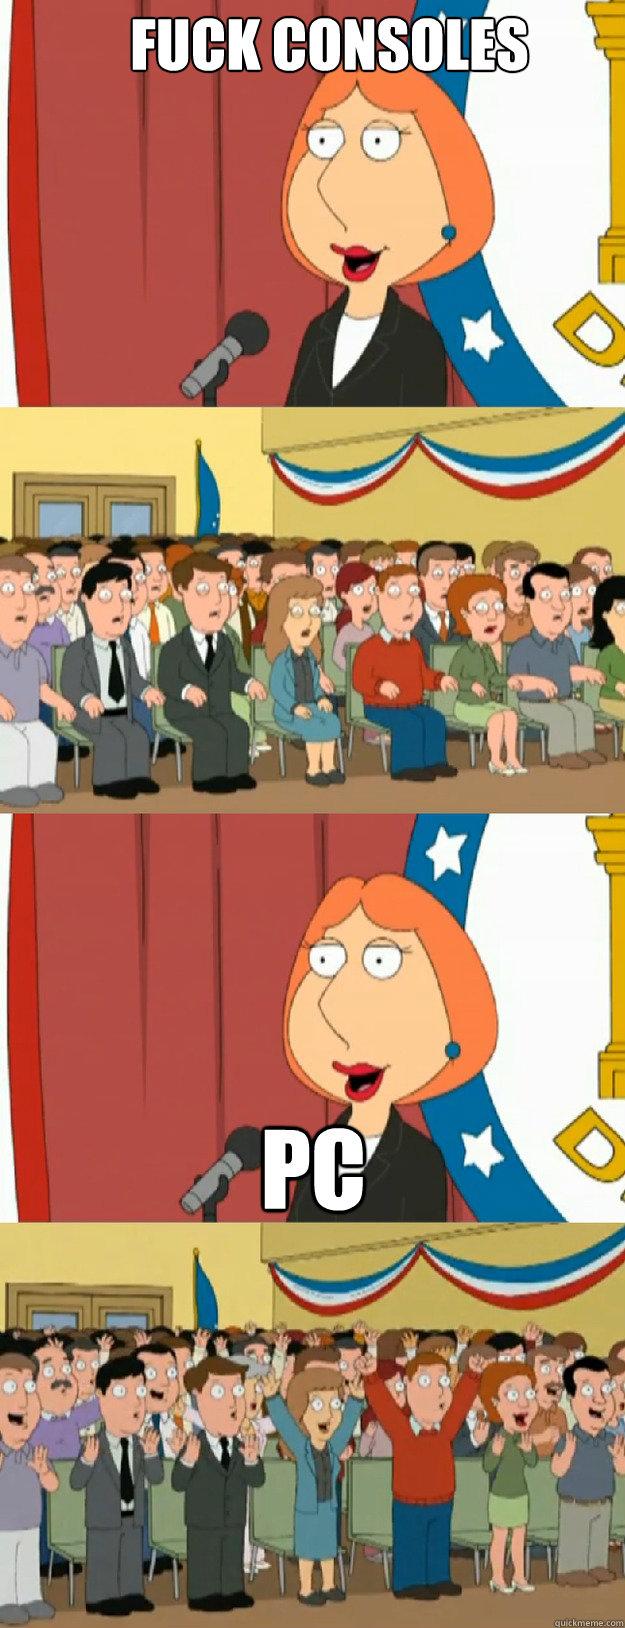 fuck consoles Pc - fuck consoles Pc  Lois Griffin